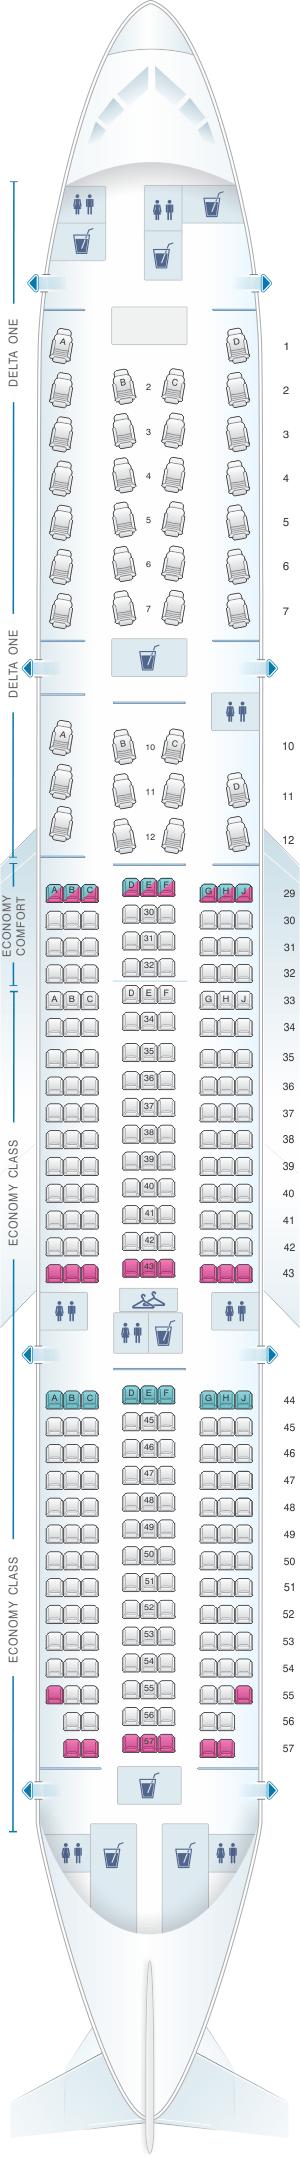 boeing 777 200lr jet seating chart. Black Bedroom Furniture Sets. Home Design Ideas